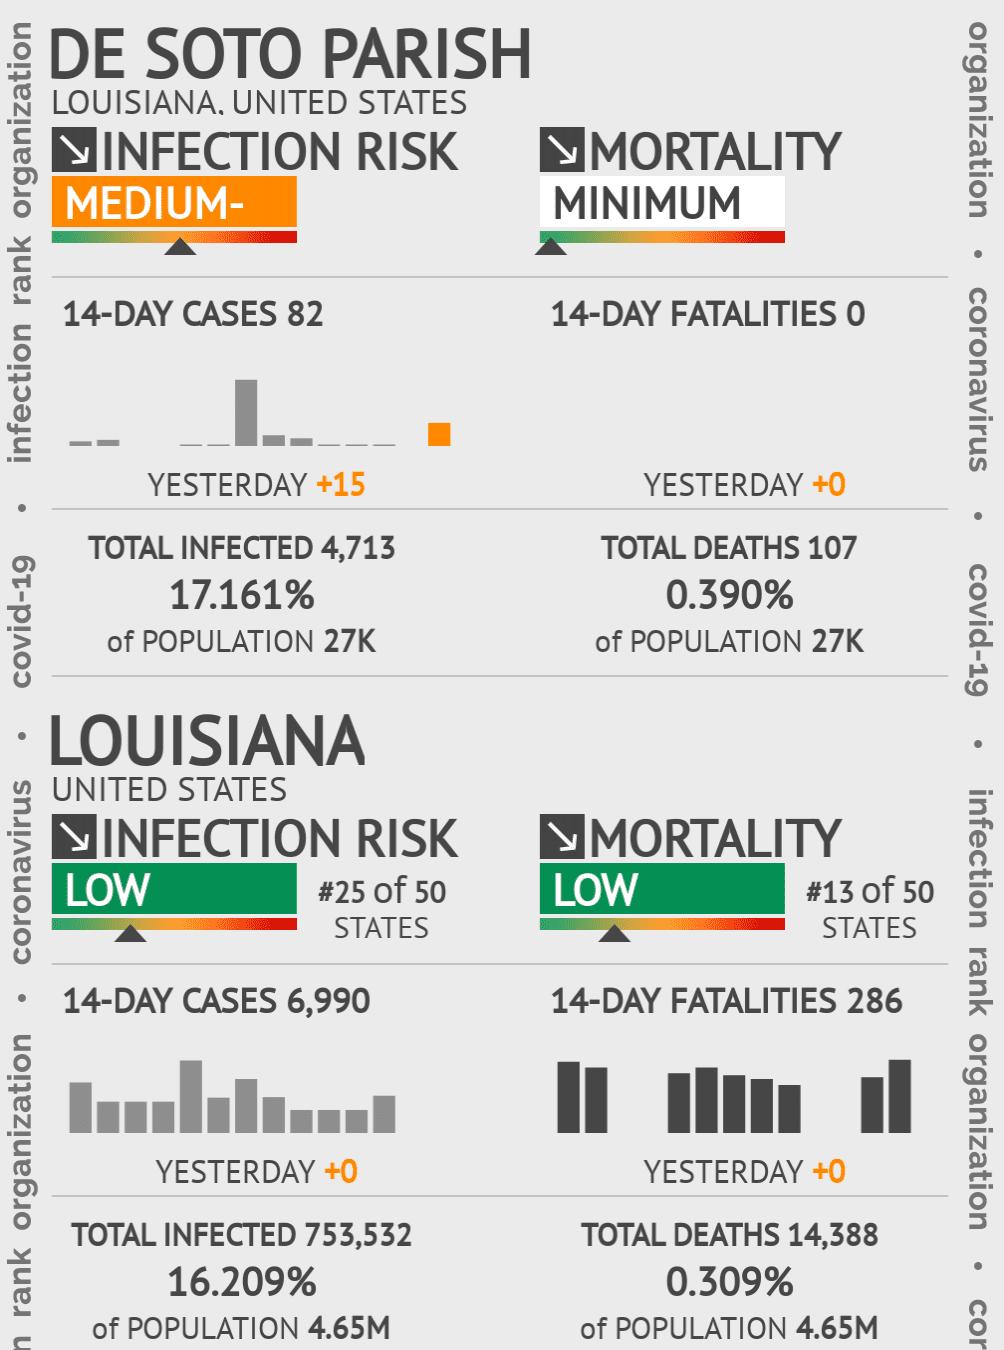 De Soto Parish Coronavirus Covid-19 Risk of Infection on March 04, 2021